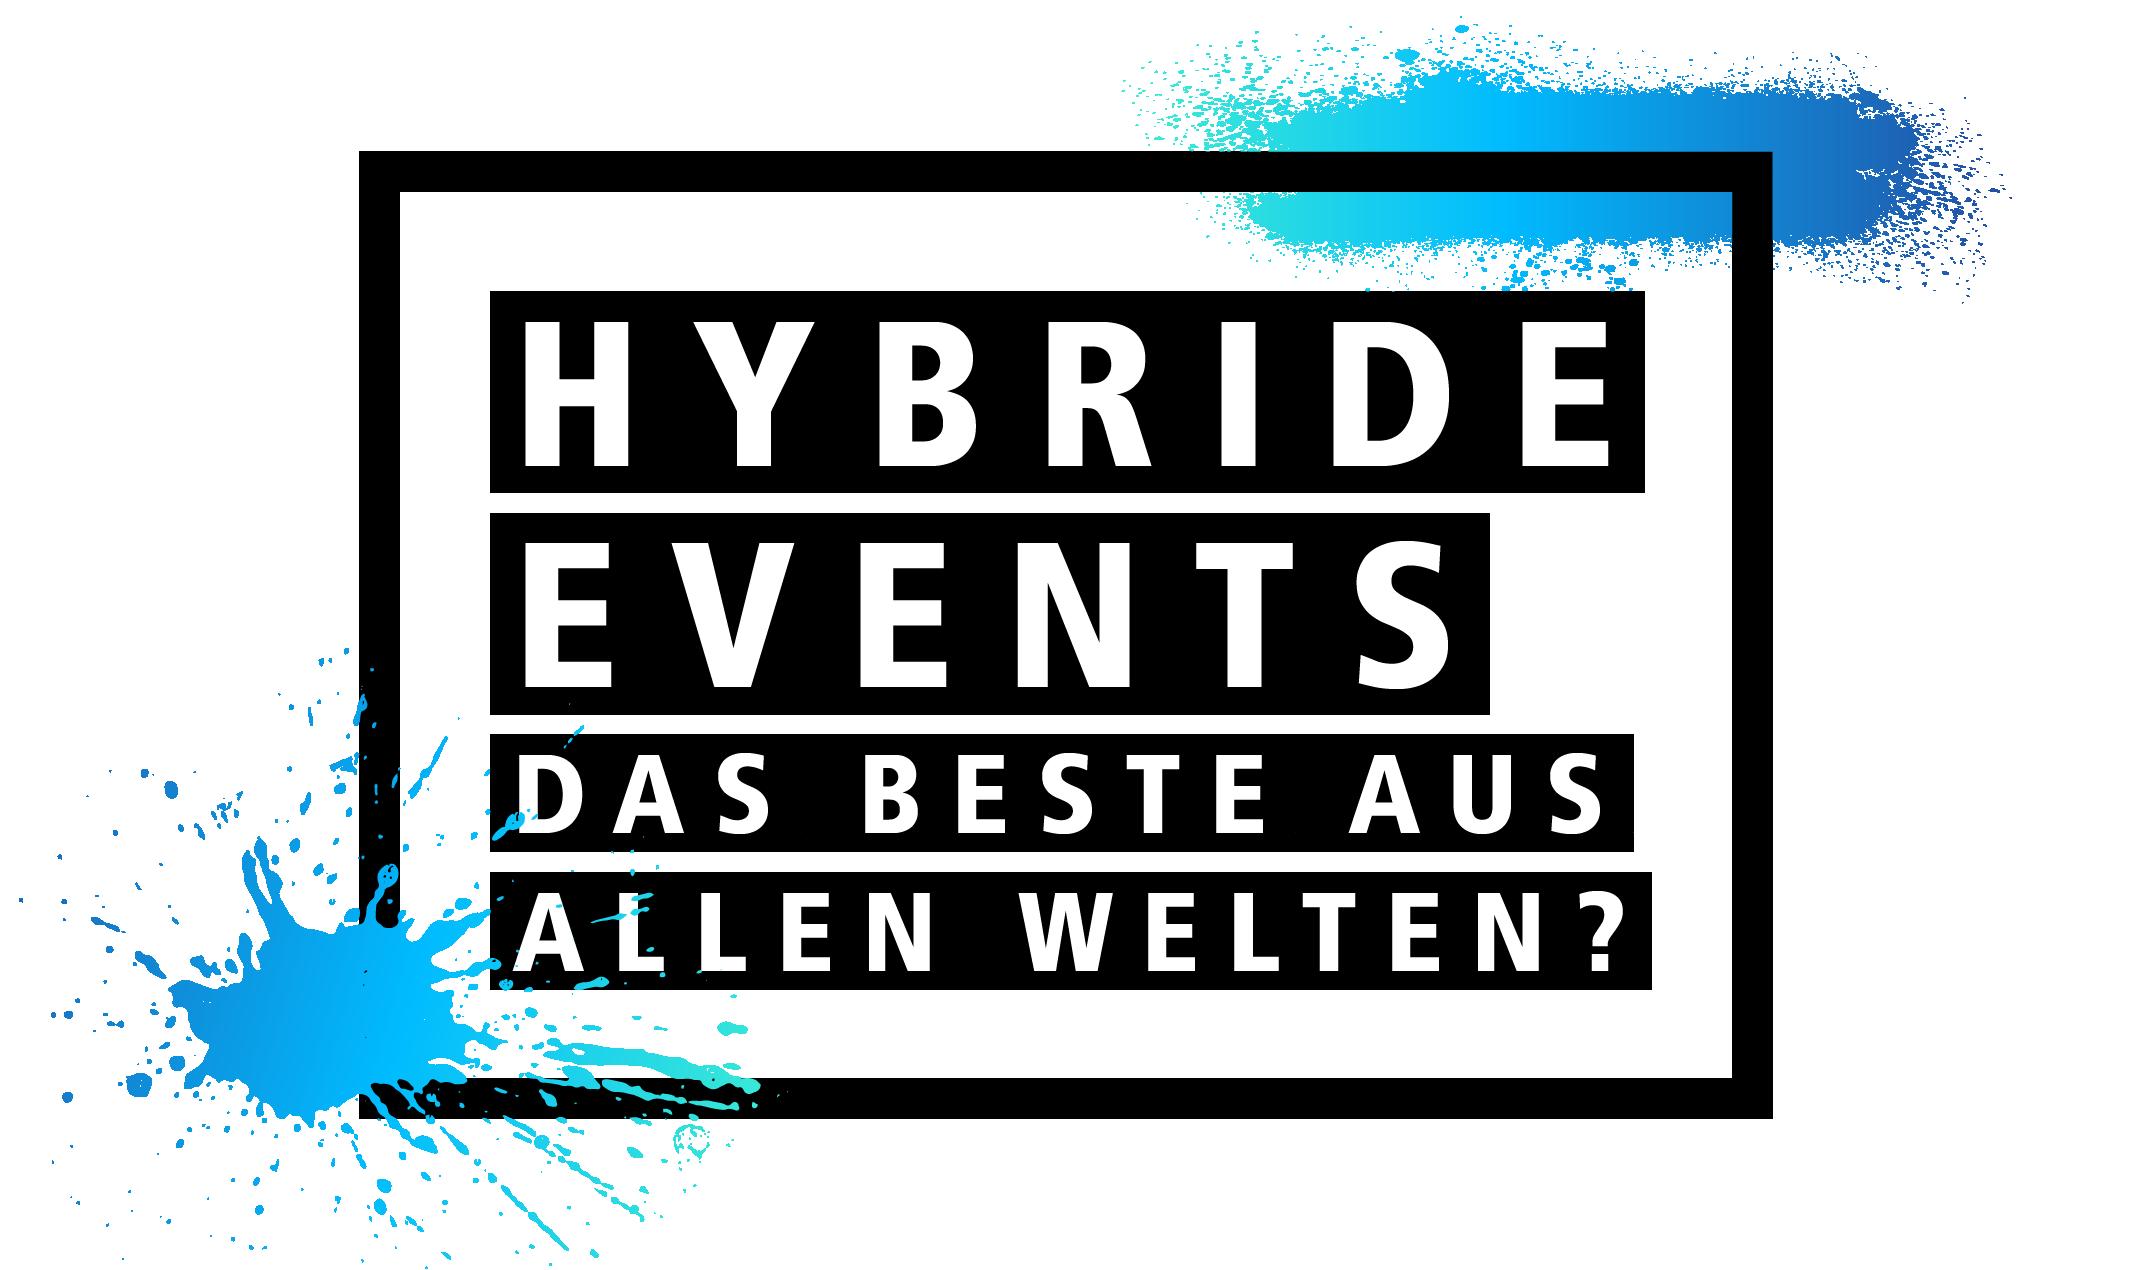 Hybride Events - das beste aus allen Welten?